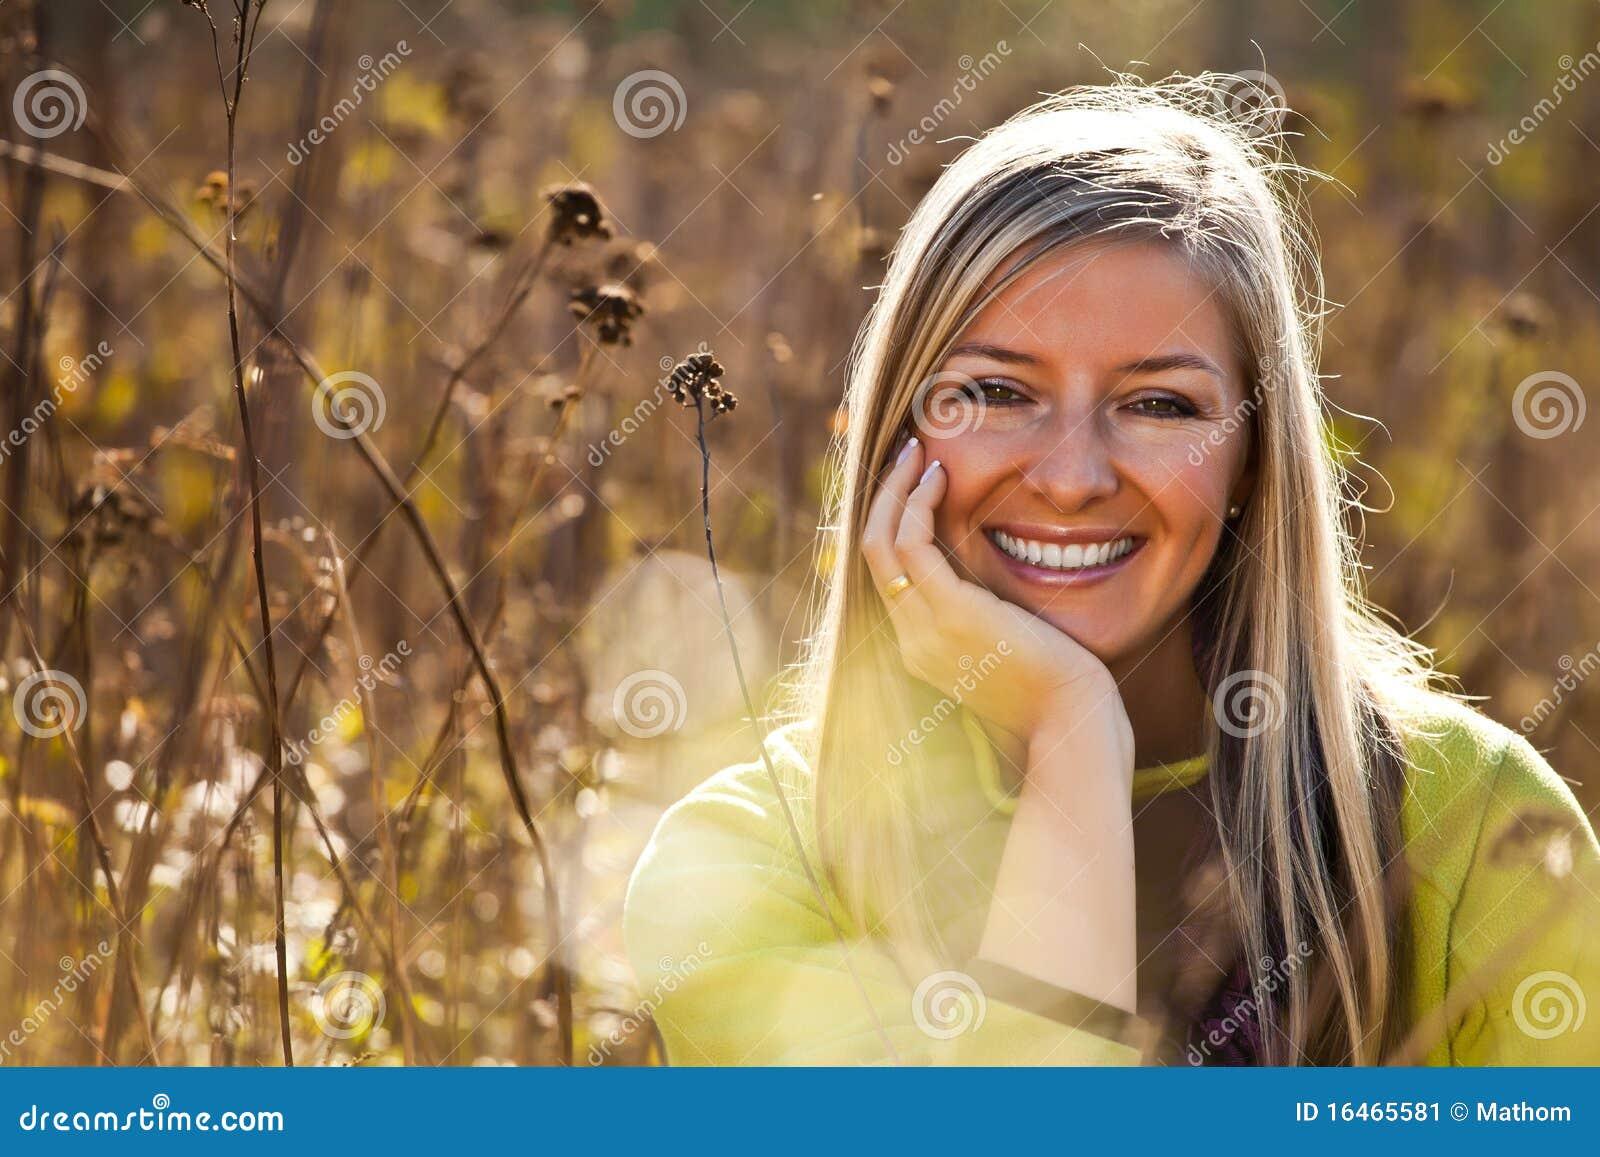 gratis volwassen vrouwen blond